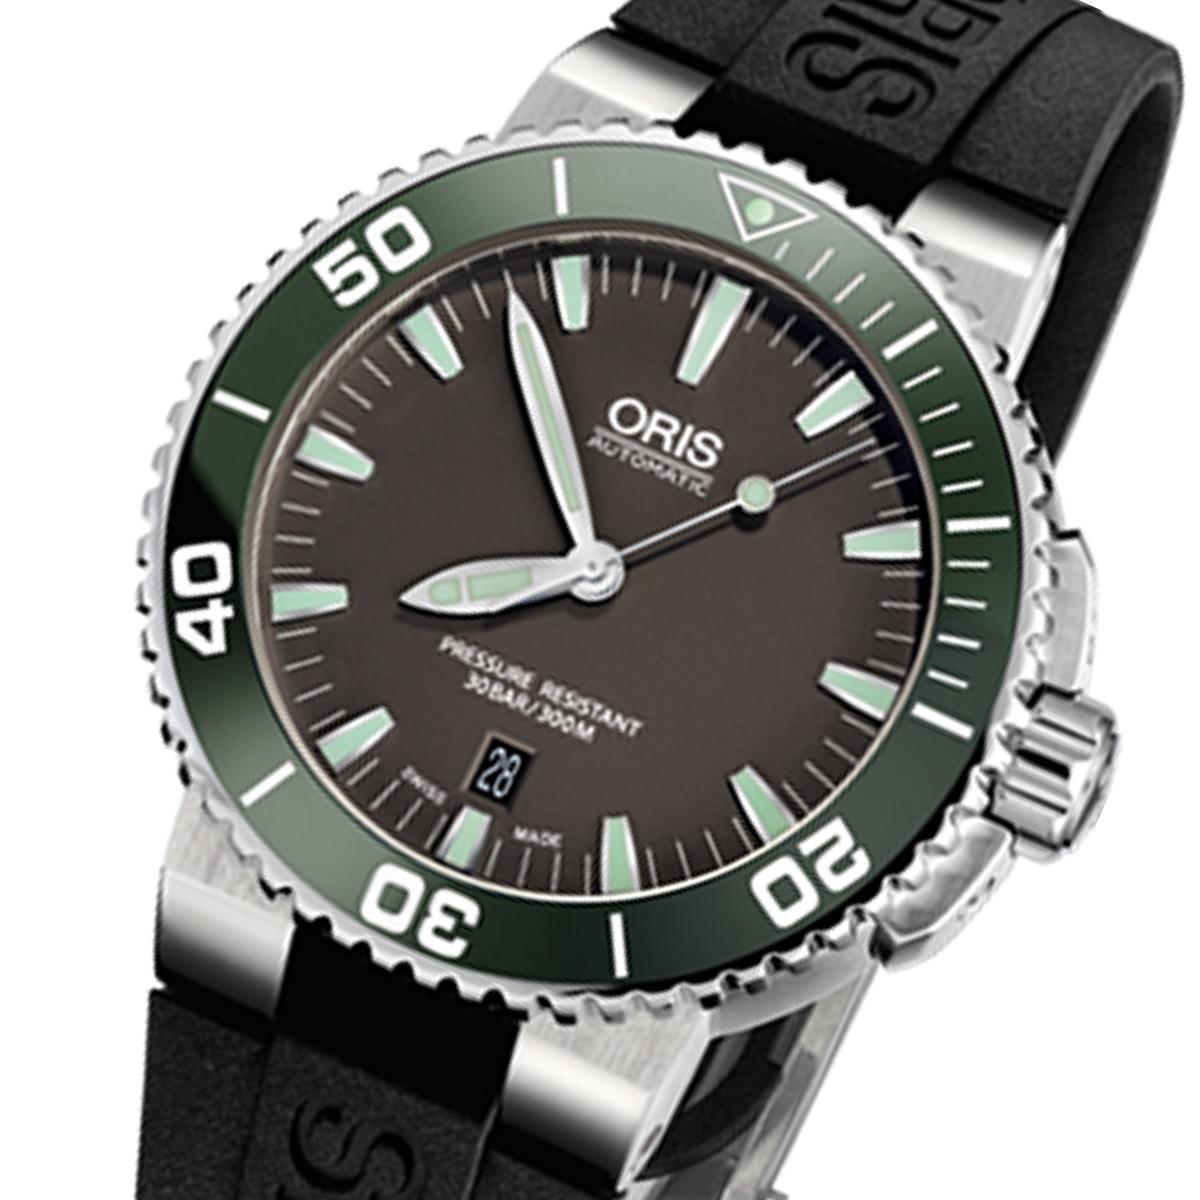 オリス 腕時計 ダイバーズ デイト 73376534137r ラバーベルト